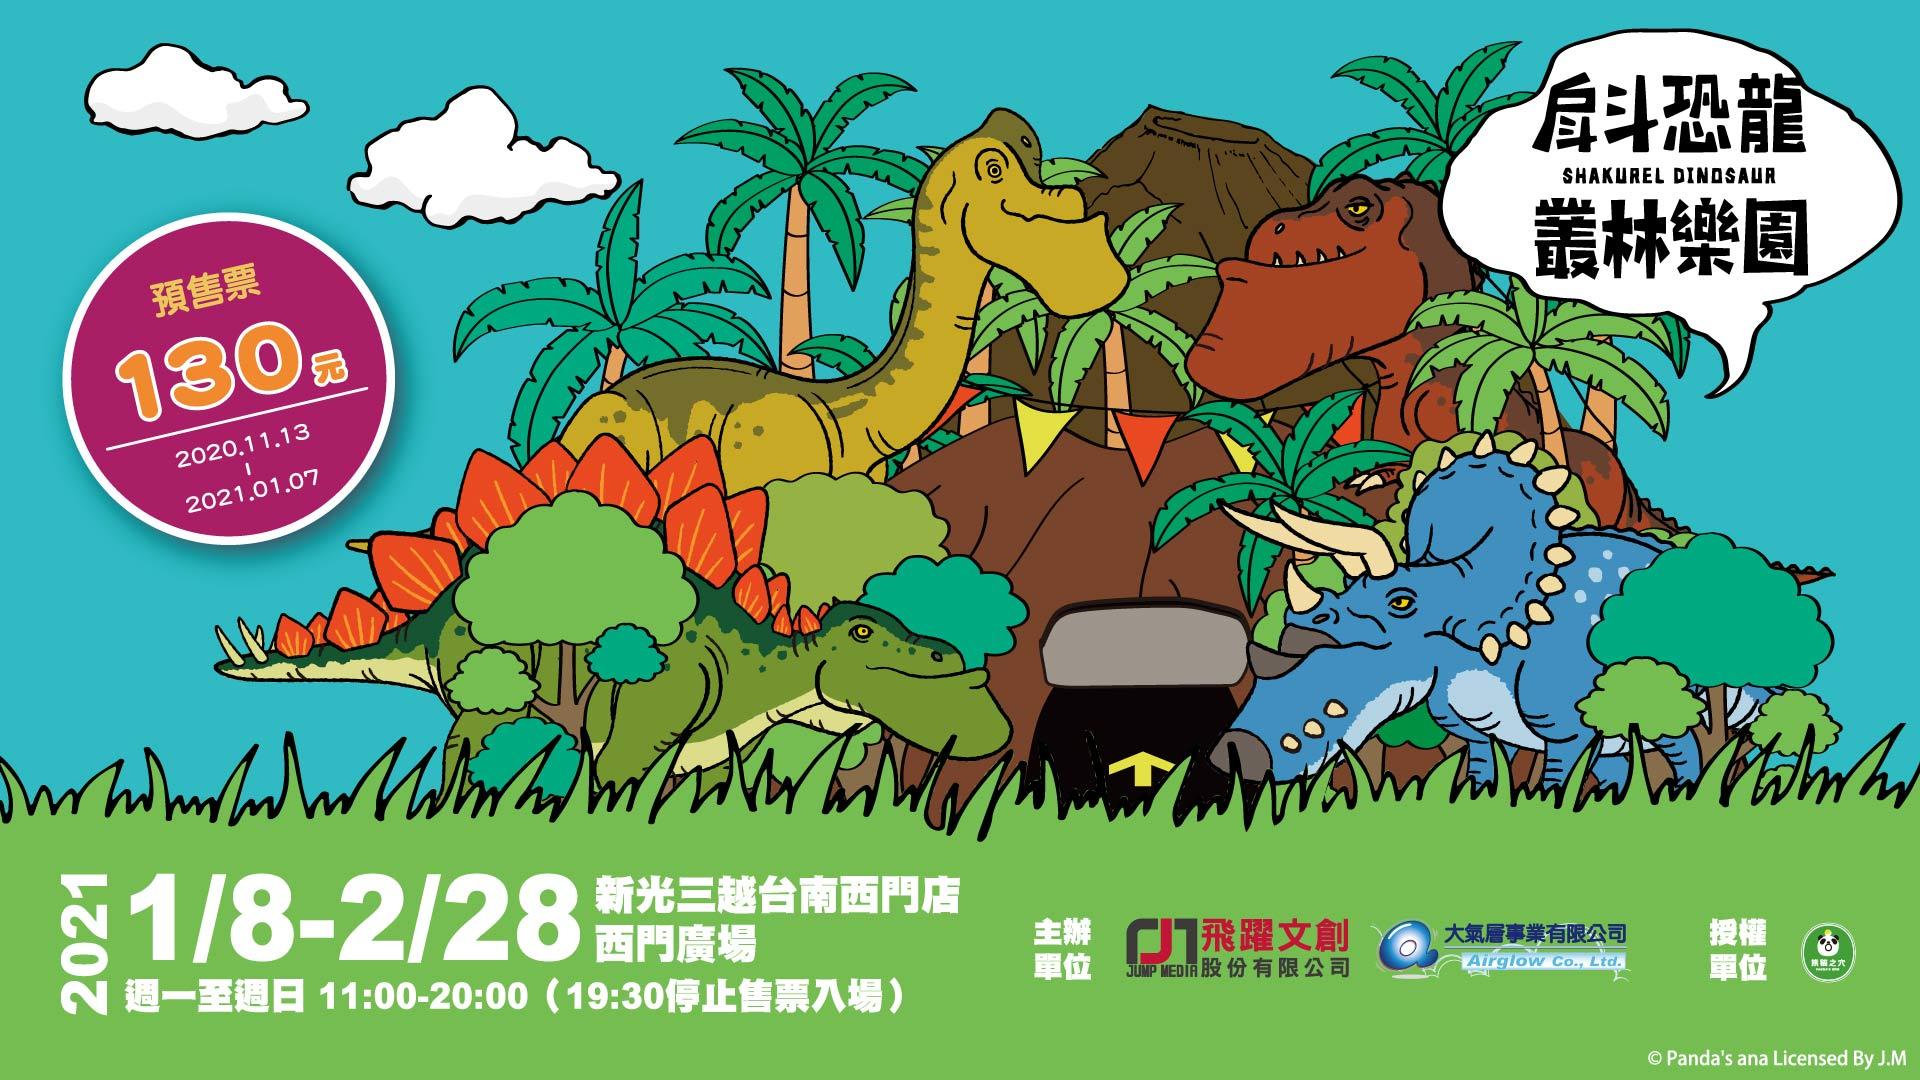 戽斗恐龍叢林樂園